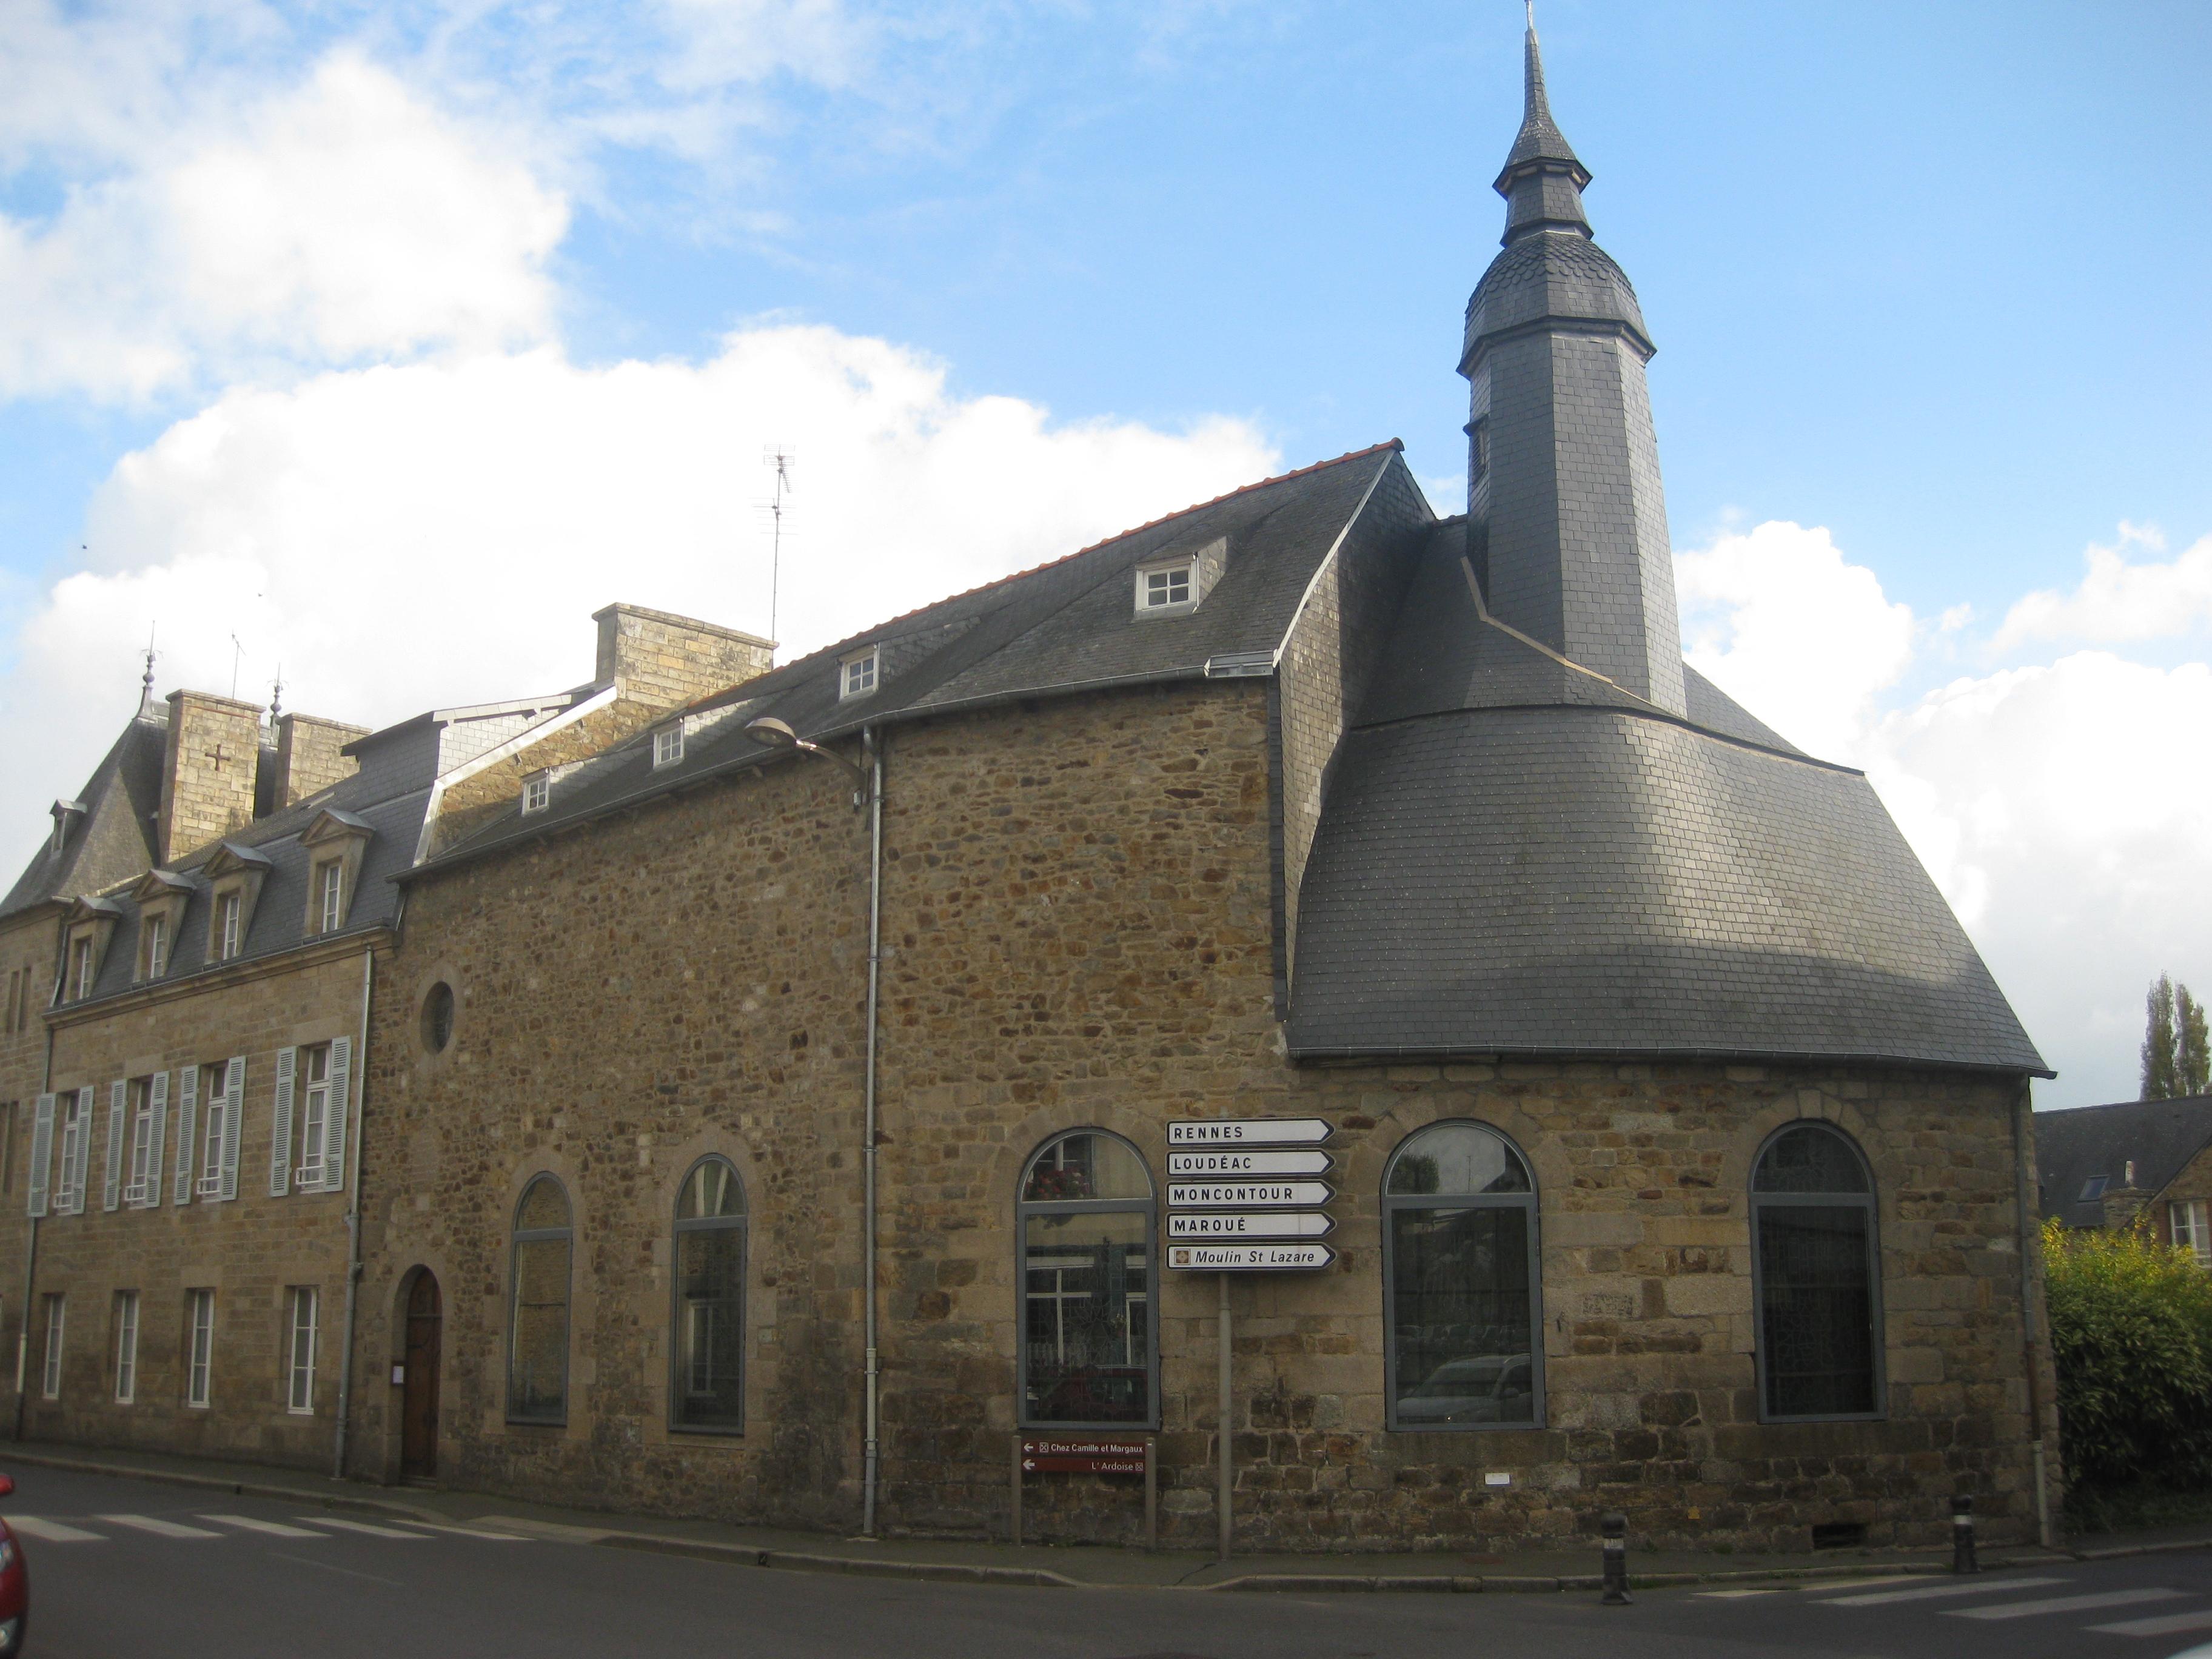 L'ancien Hôtel-Dieu de Lamballe, siège de la communauté